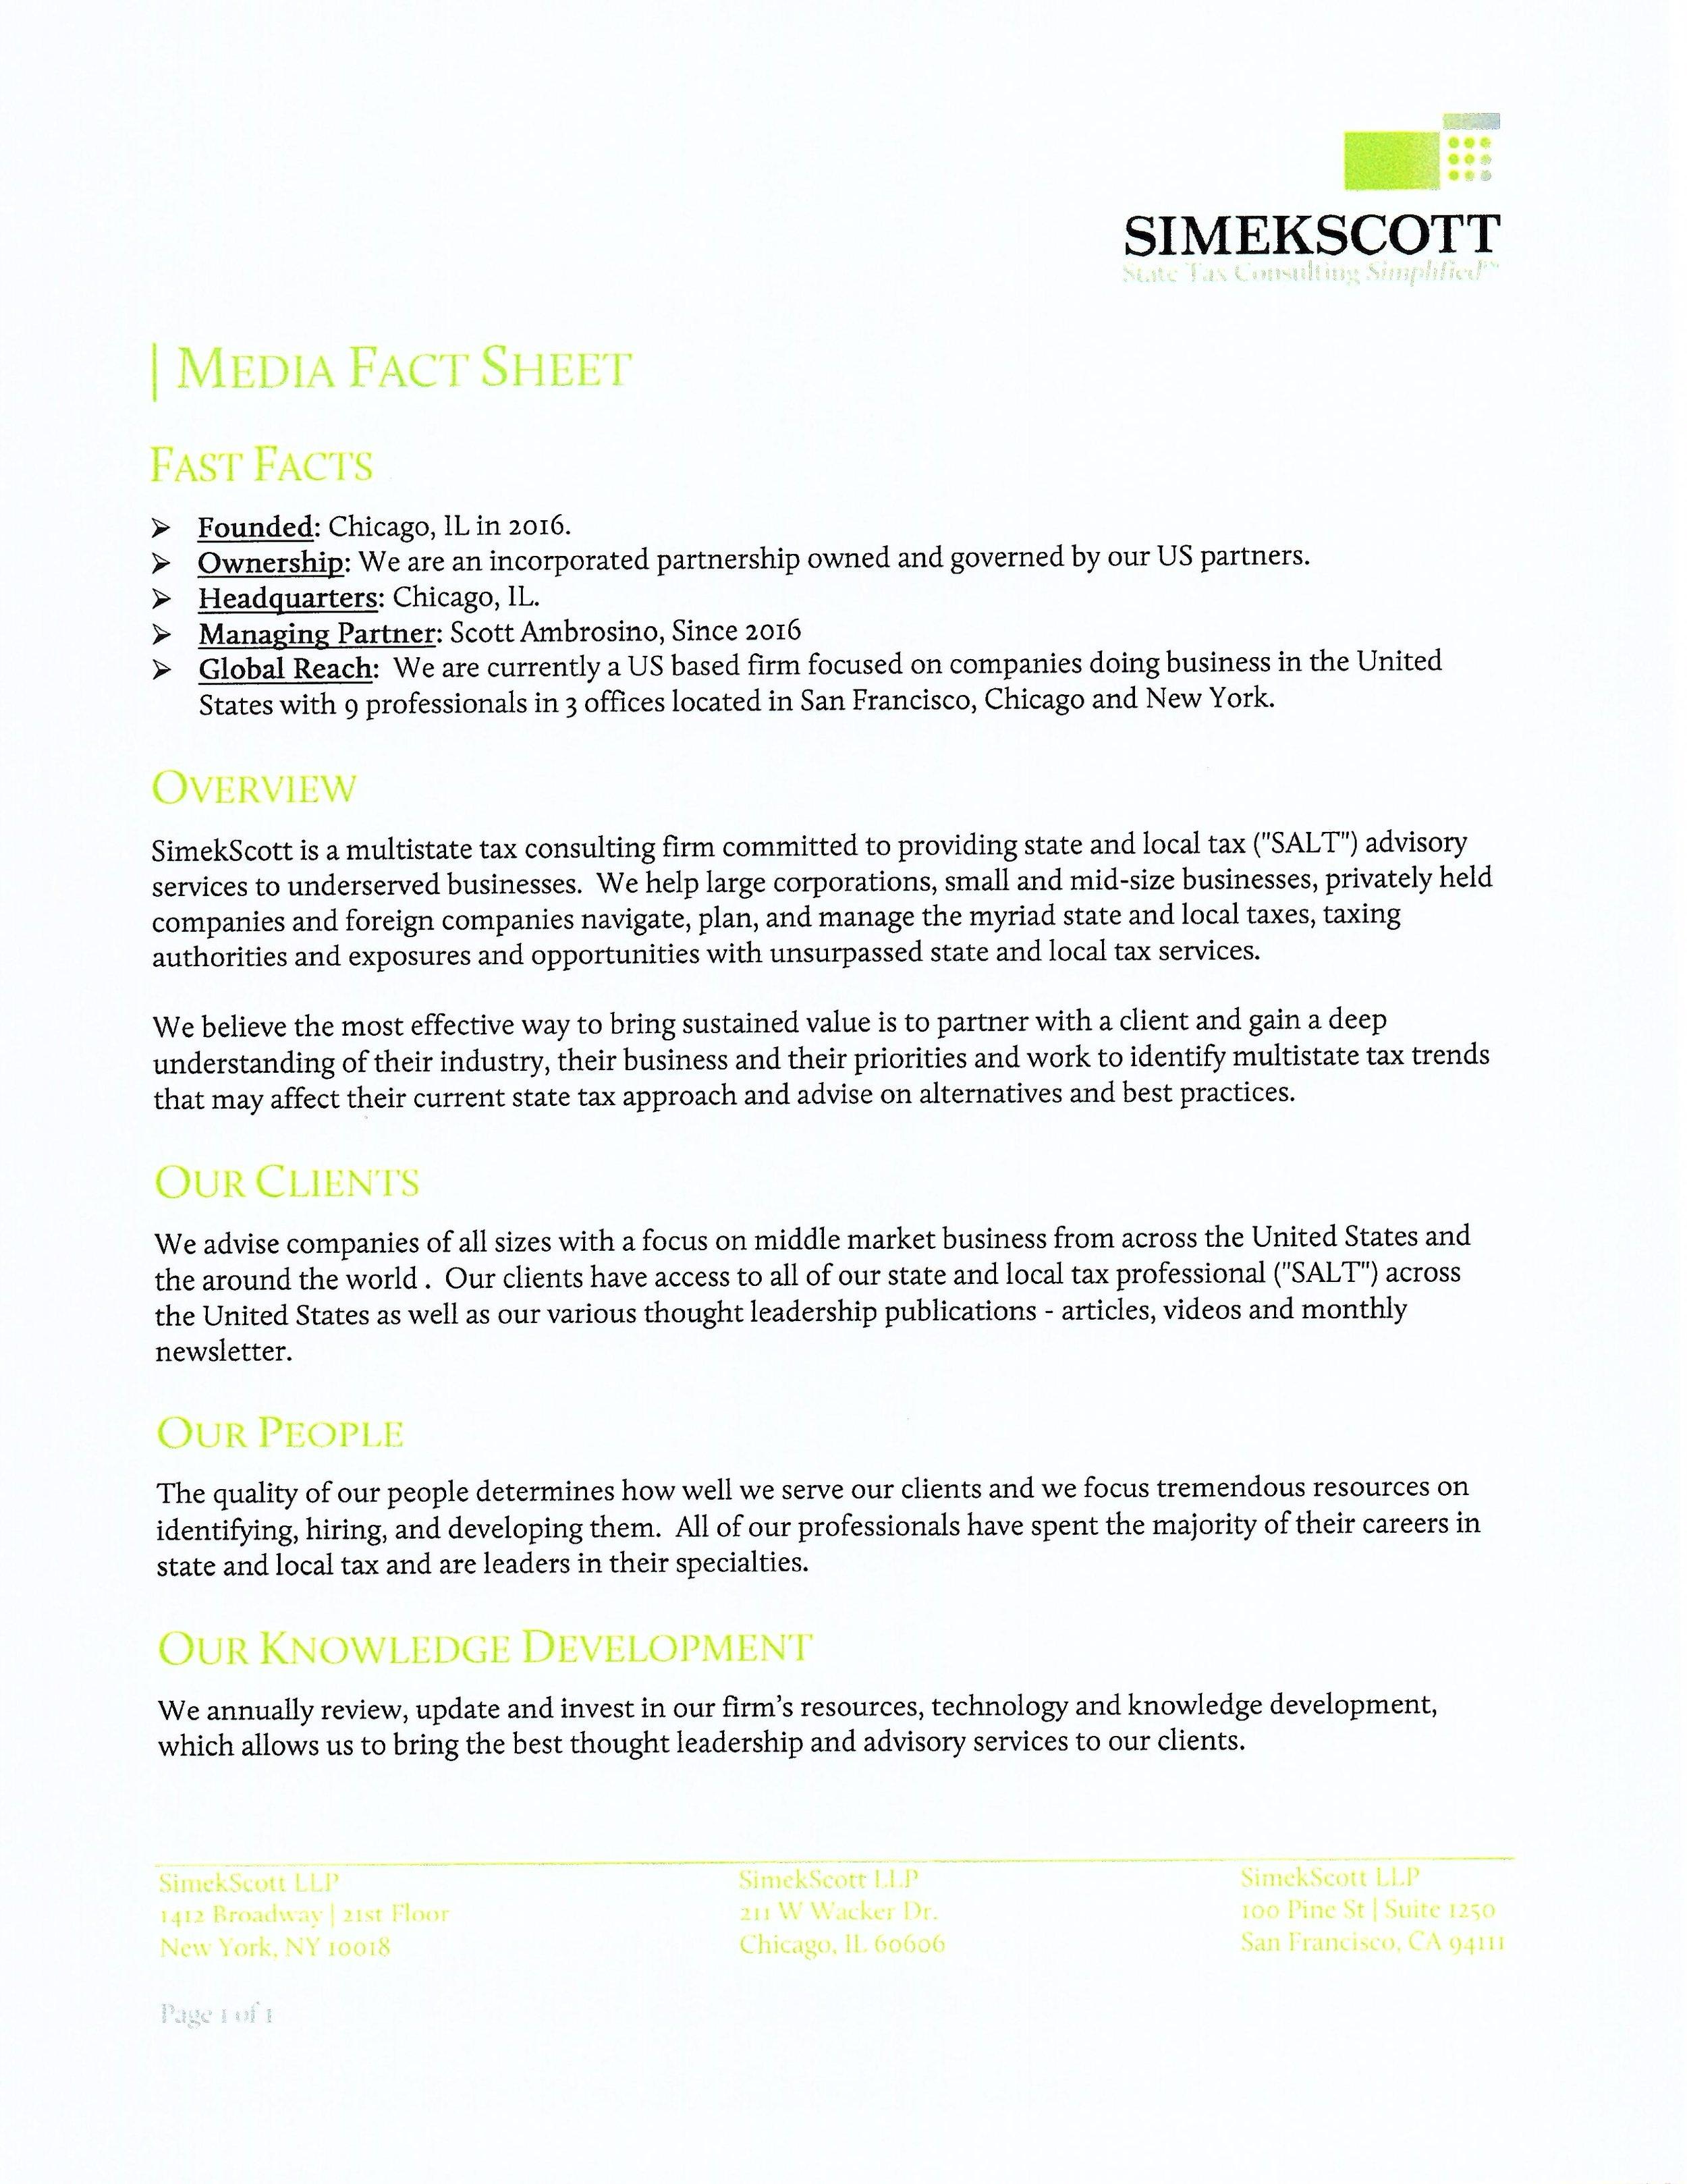 SimekScott_Media_Fact_Sheet.jpg